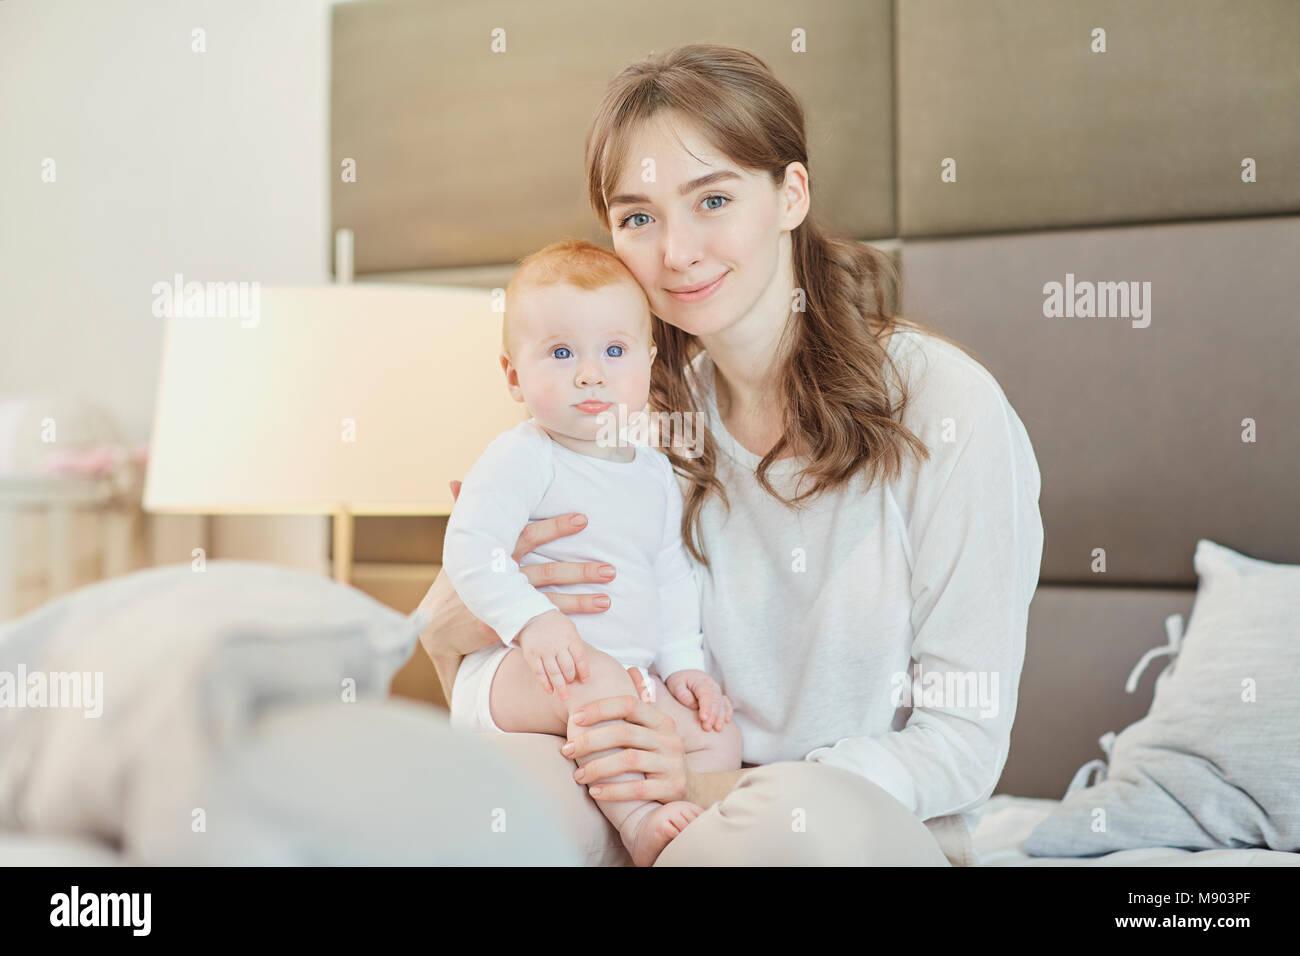 Ritratto madre gioca con i bambini sul letto. Immagini Stock